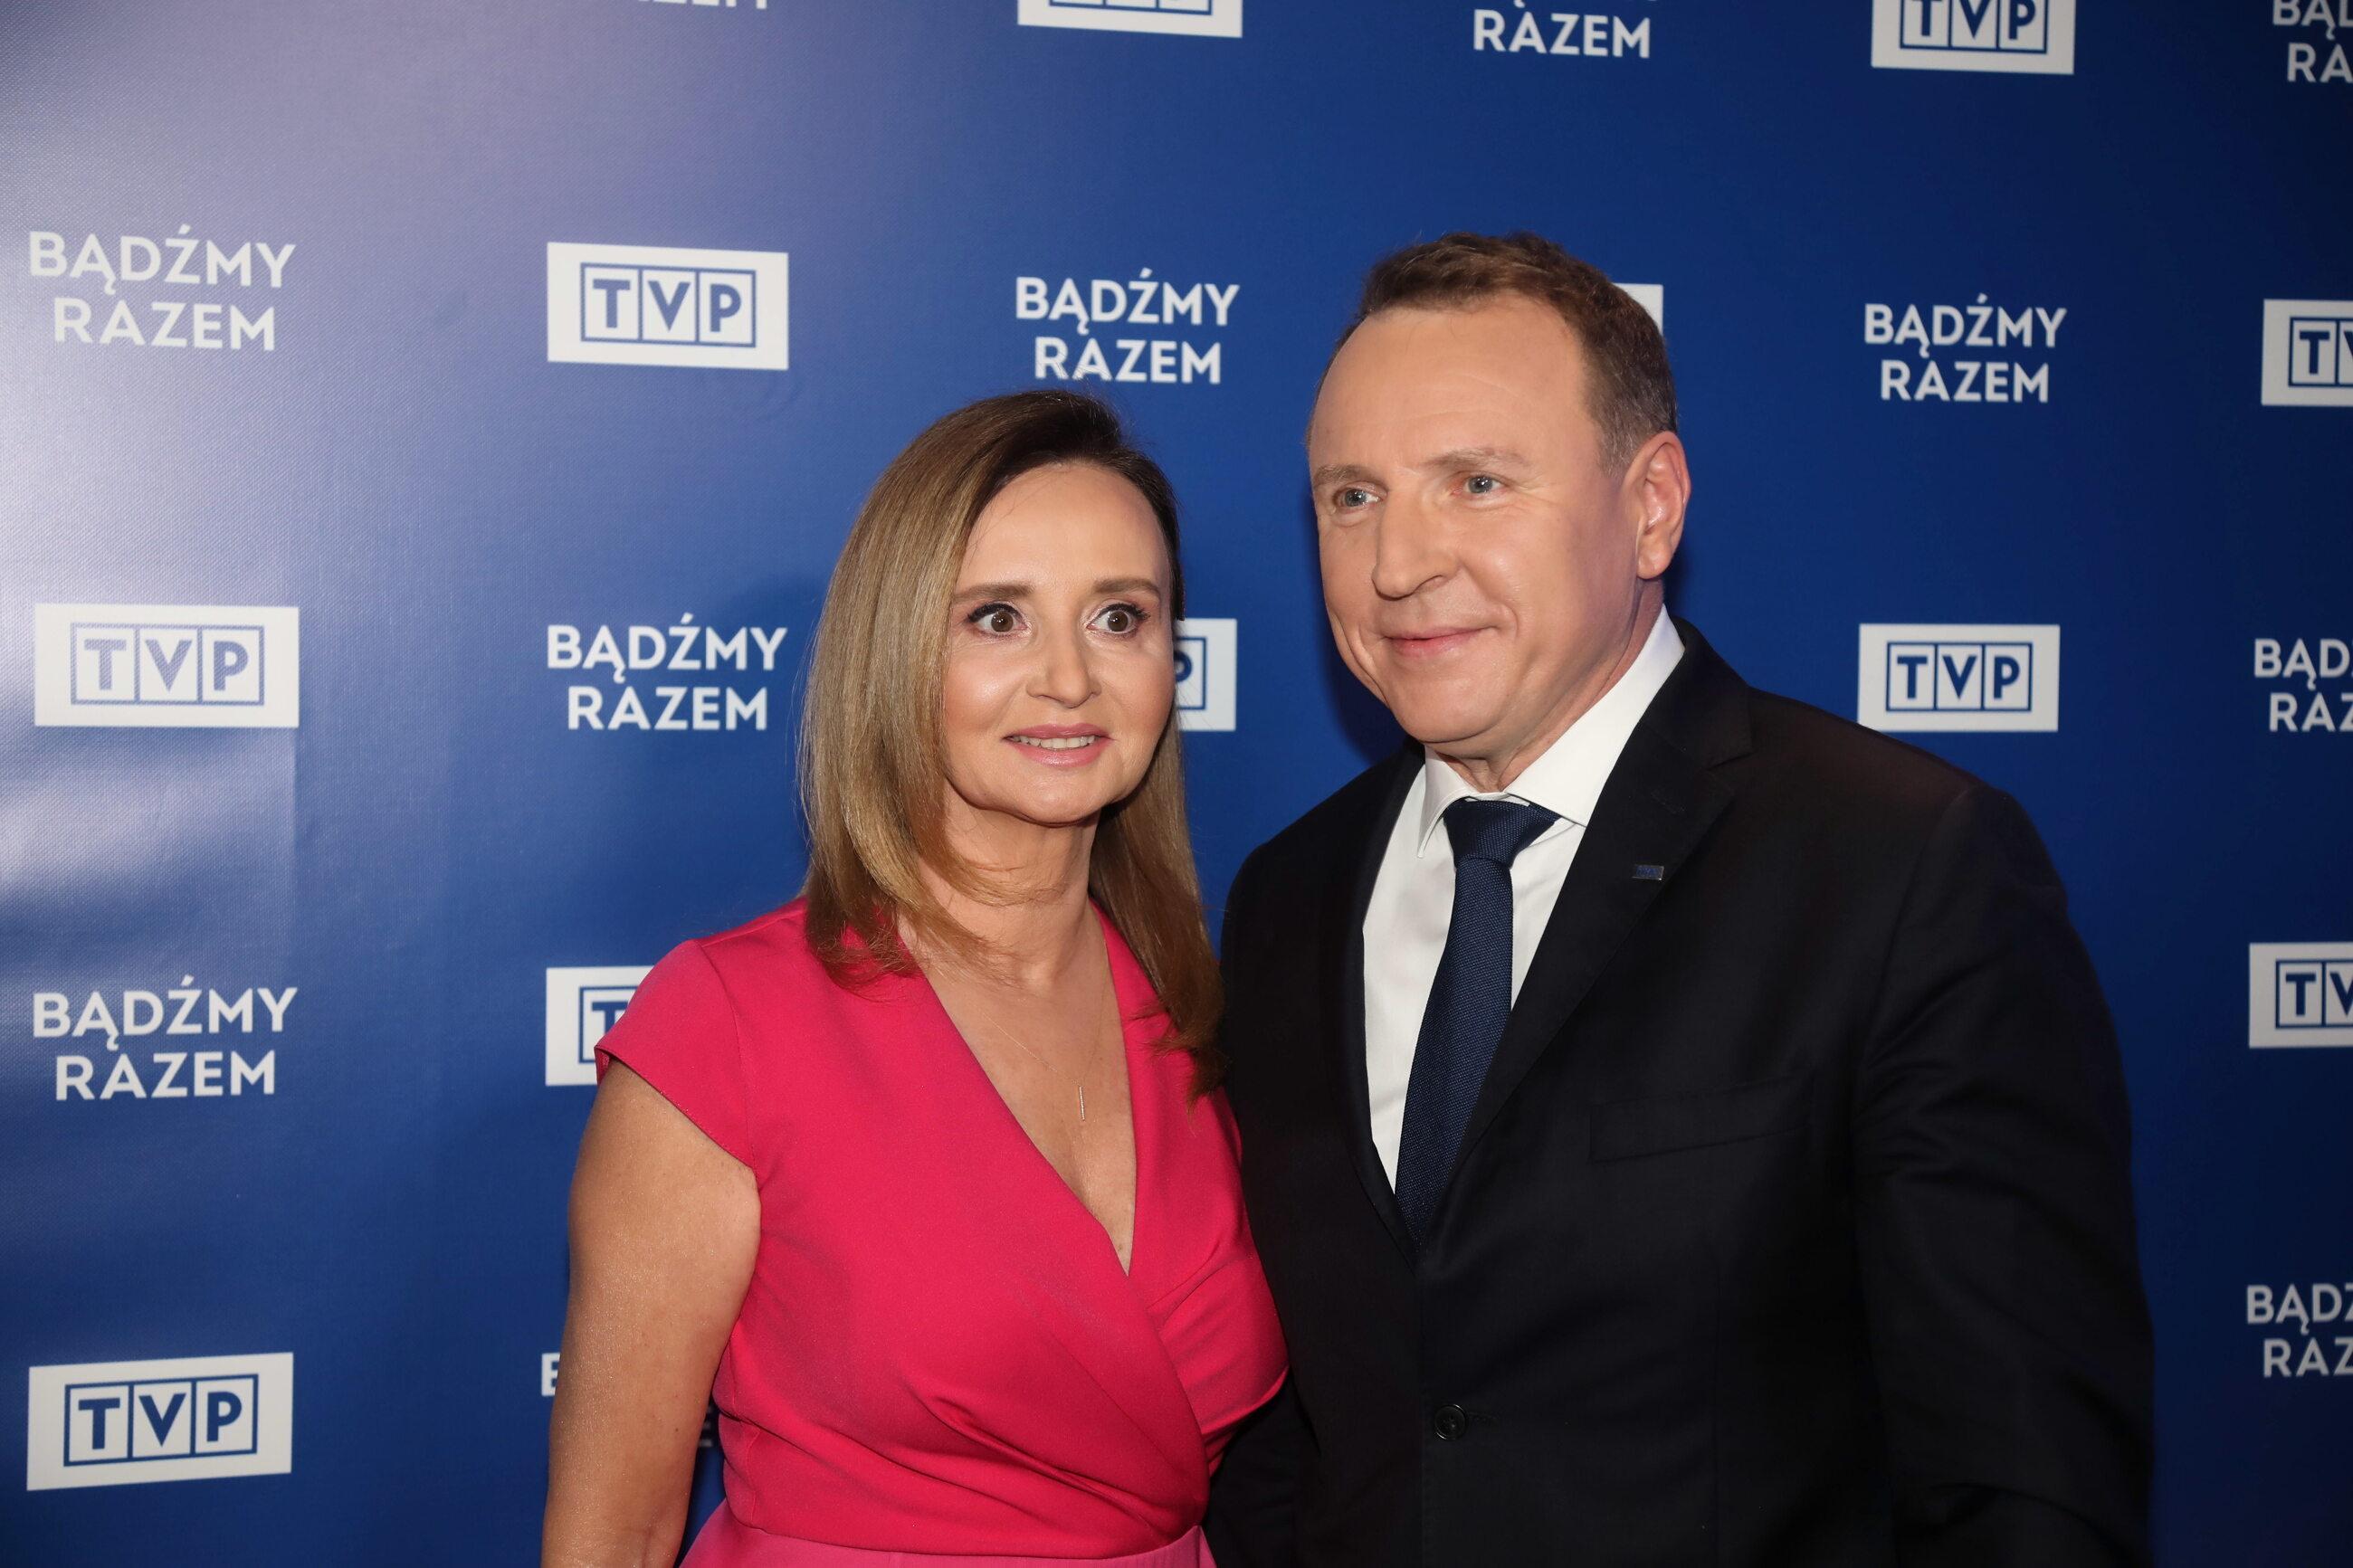 Prezes TVP Jacek Kurski (P) z żoną Joanną Kurską